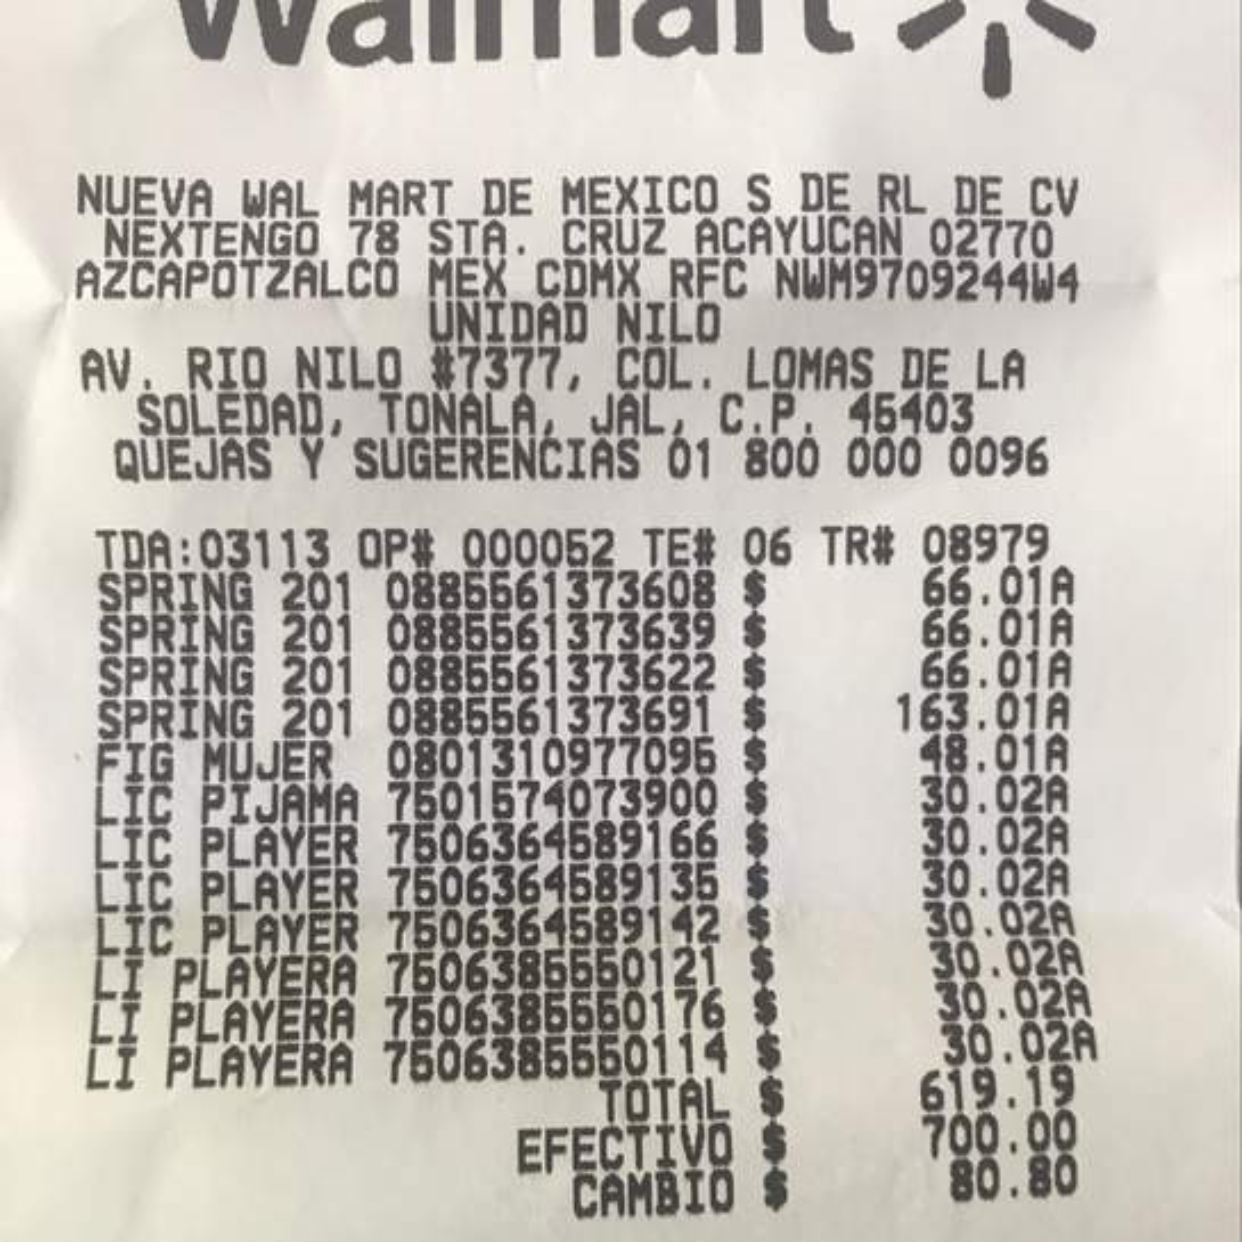 Walmart: Liquidación shopkins de luxe $163.01 y $66.01